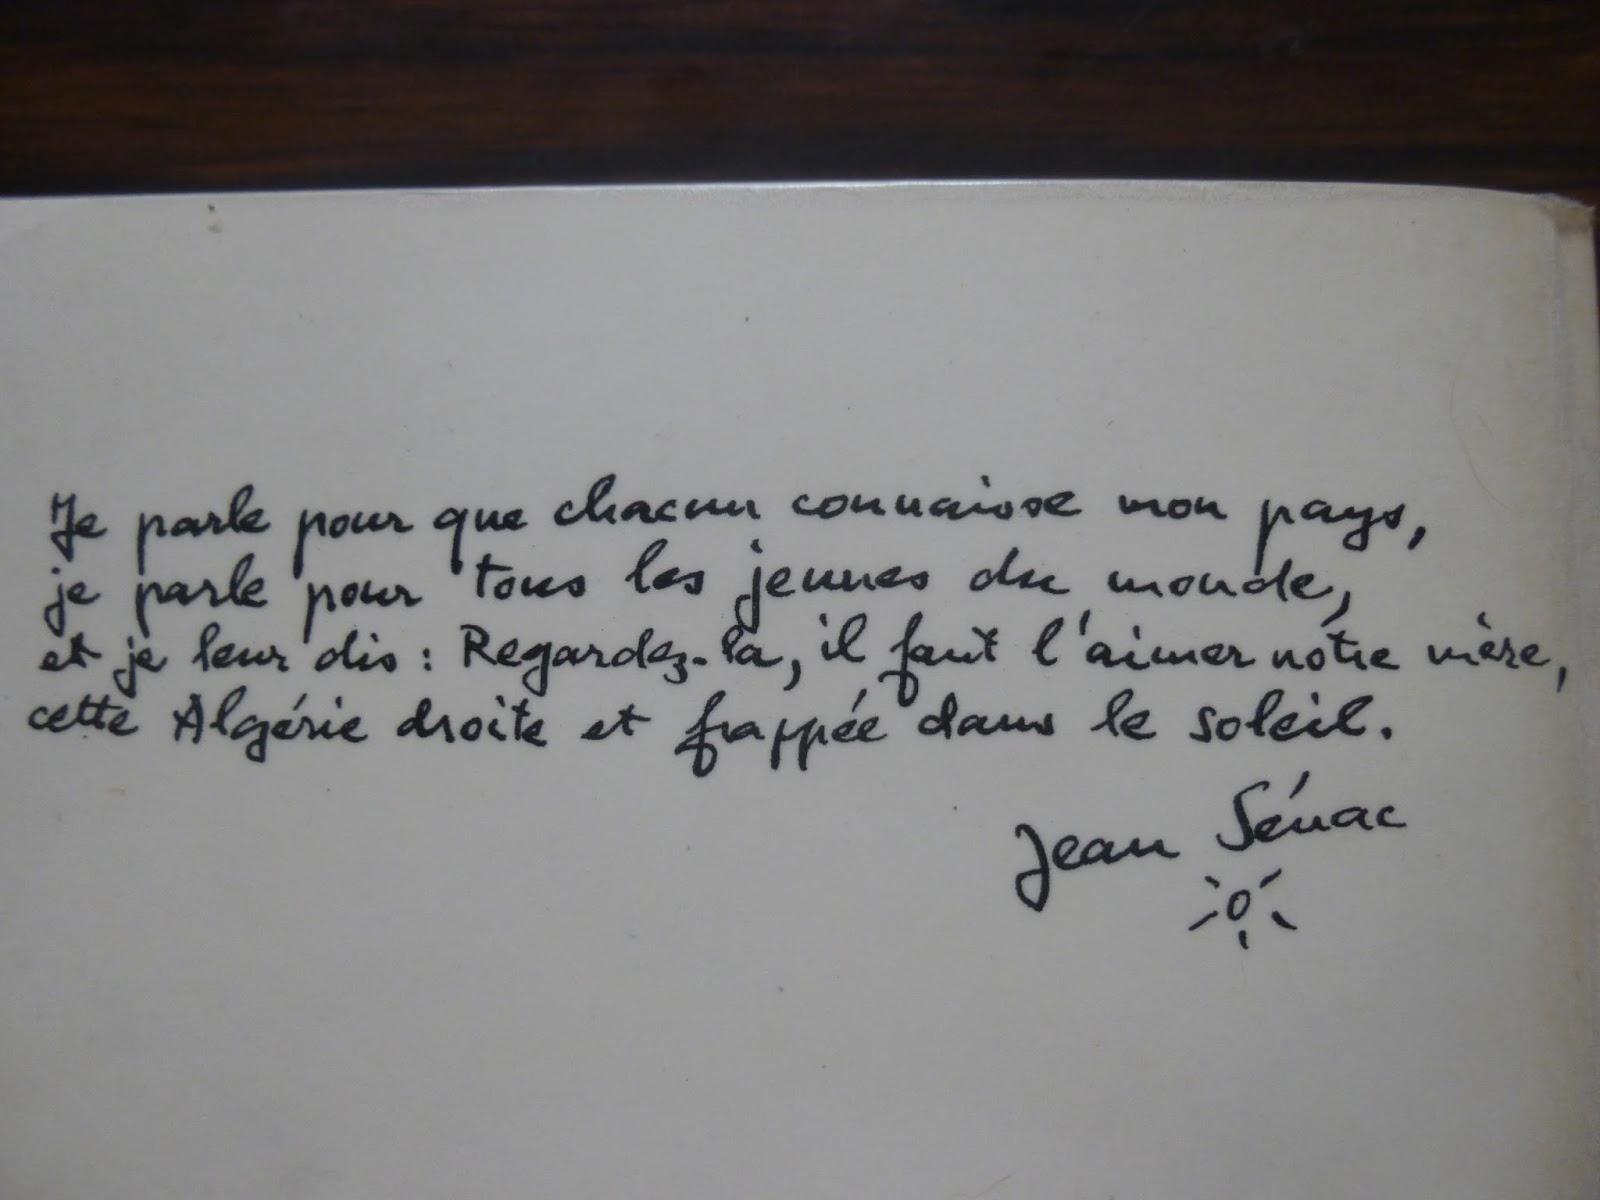 Le Blog De Ahmed Hanifi Littérature Quotidien Etc Août 2013